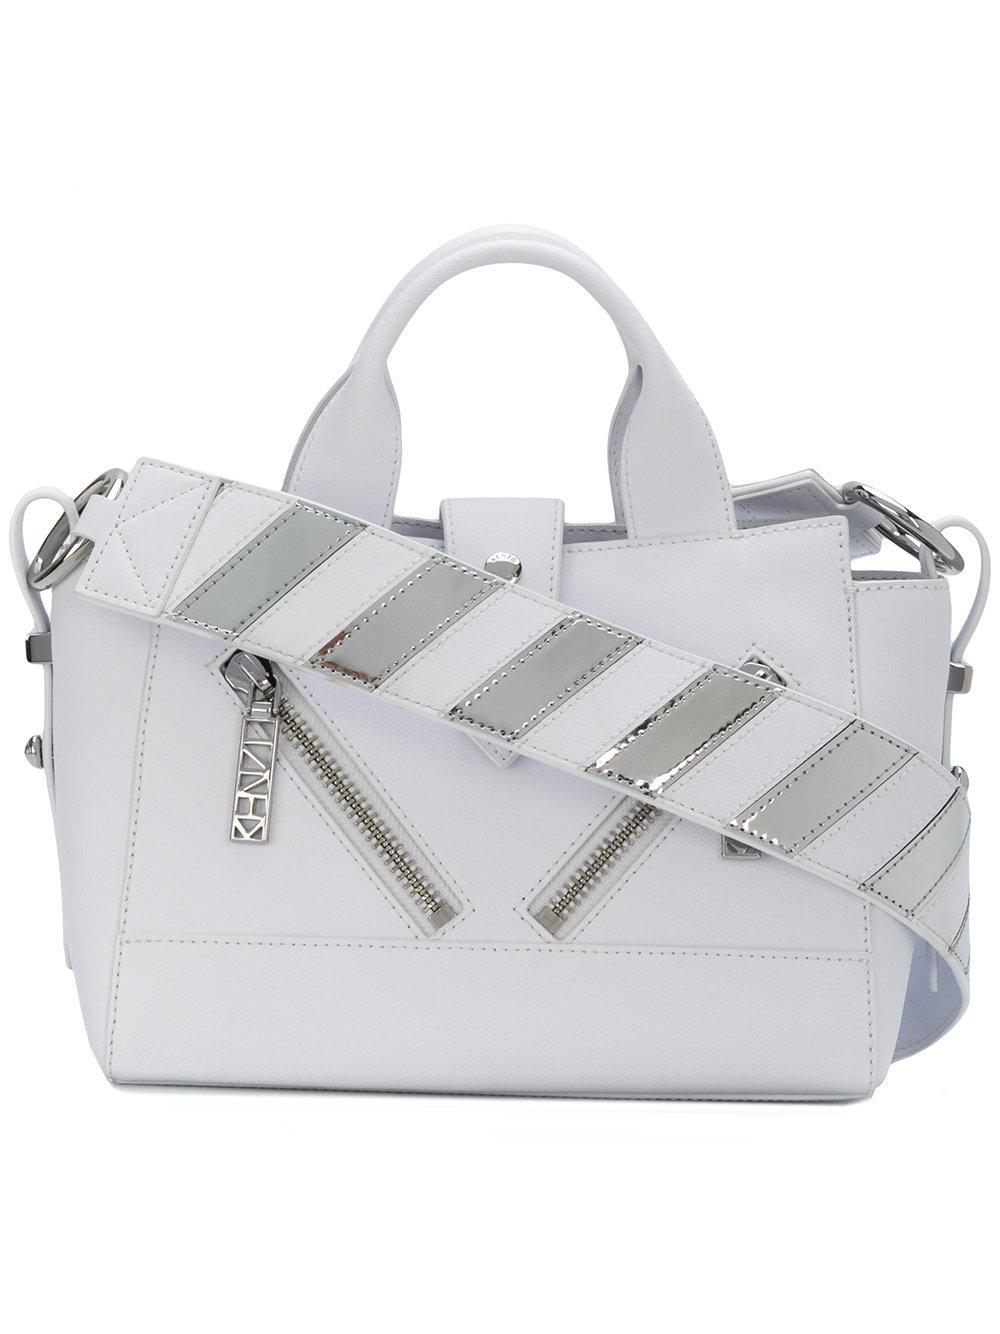 Kenzo Mini Kalifornia Leather Satchel - White